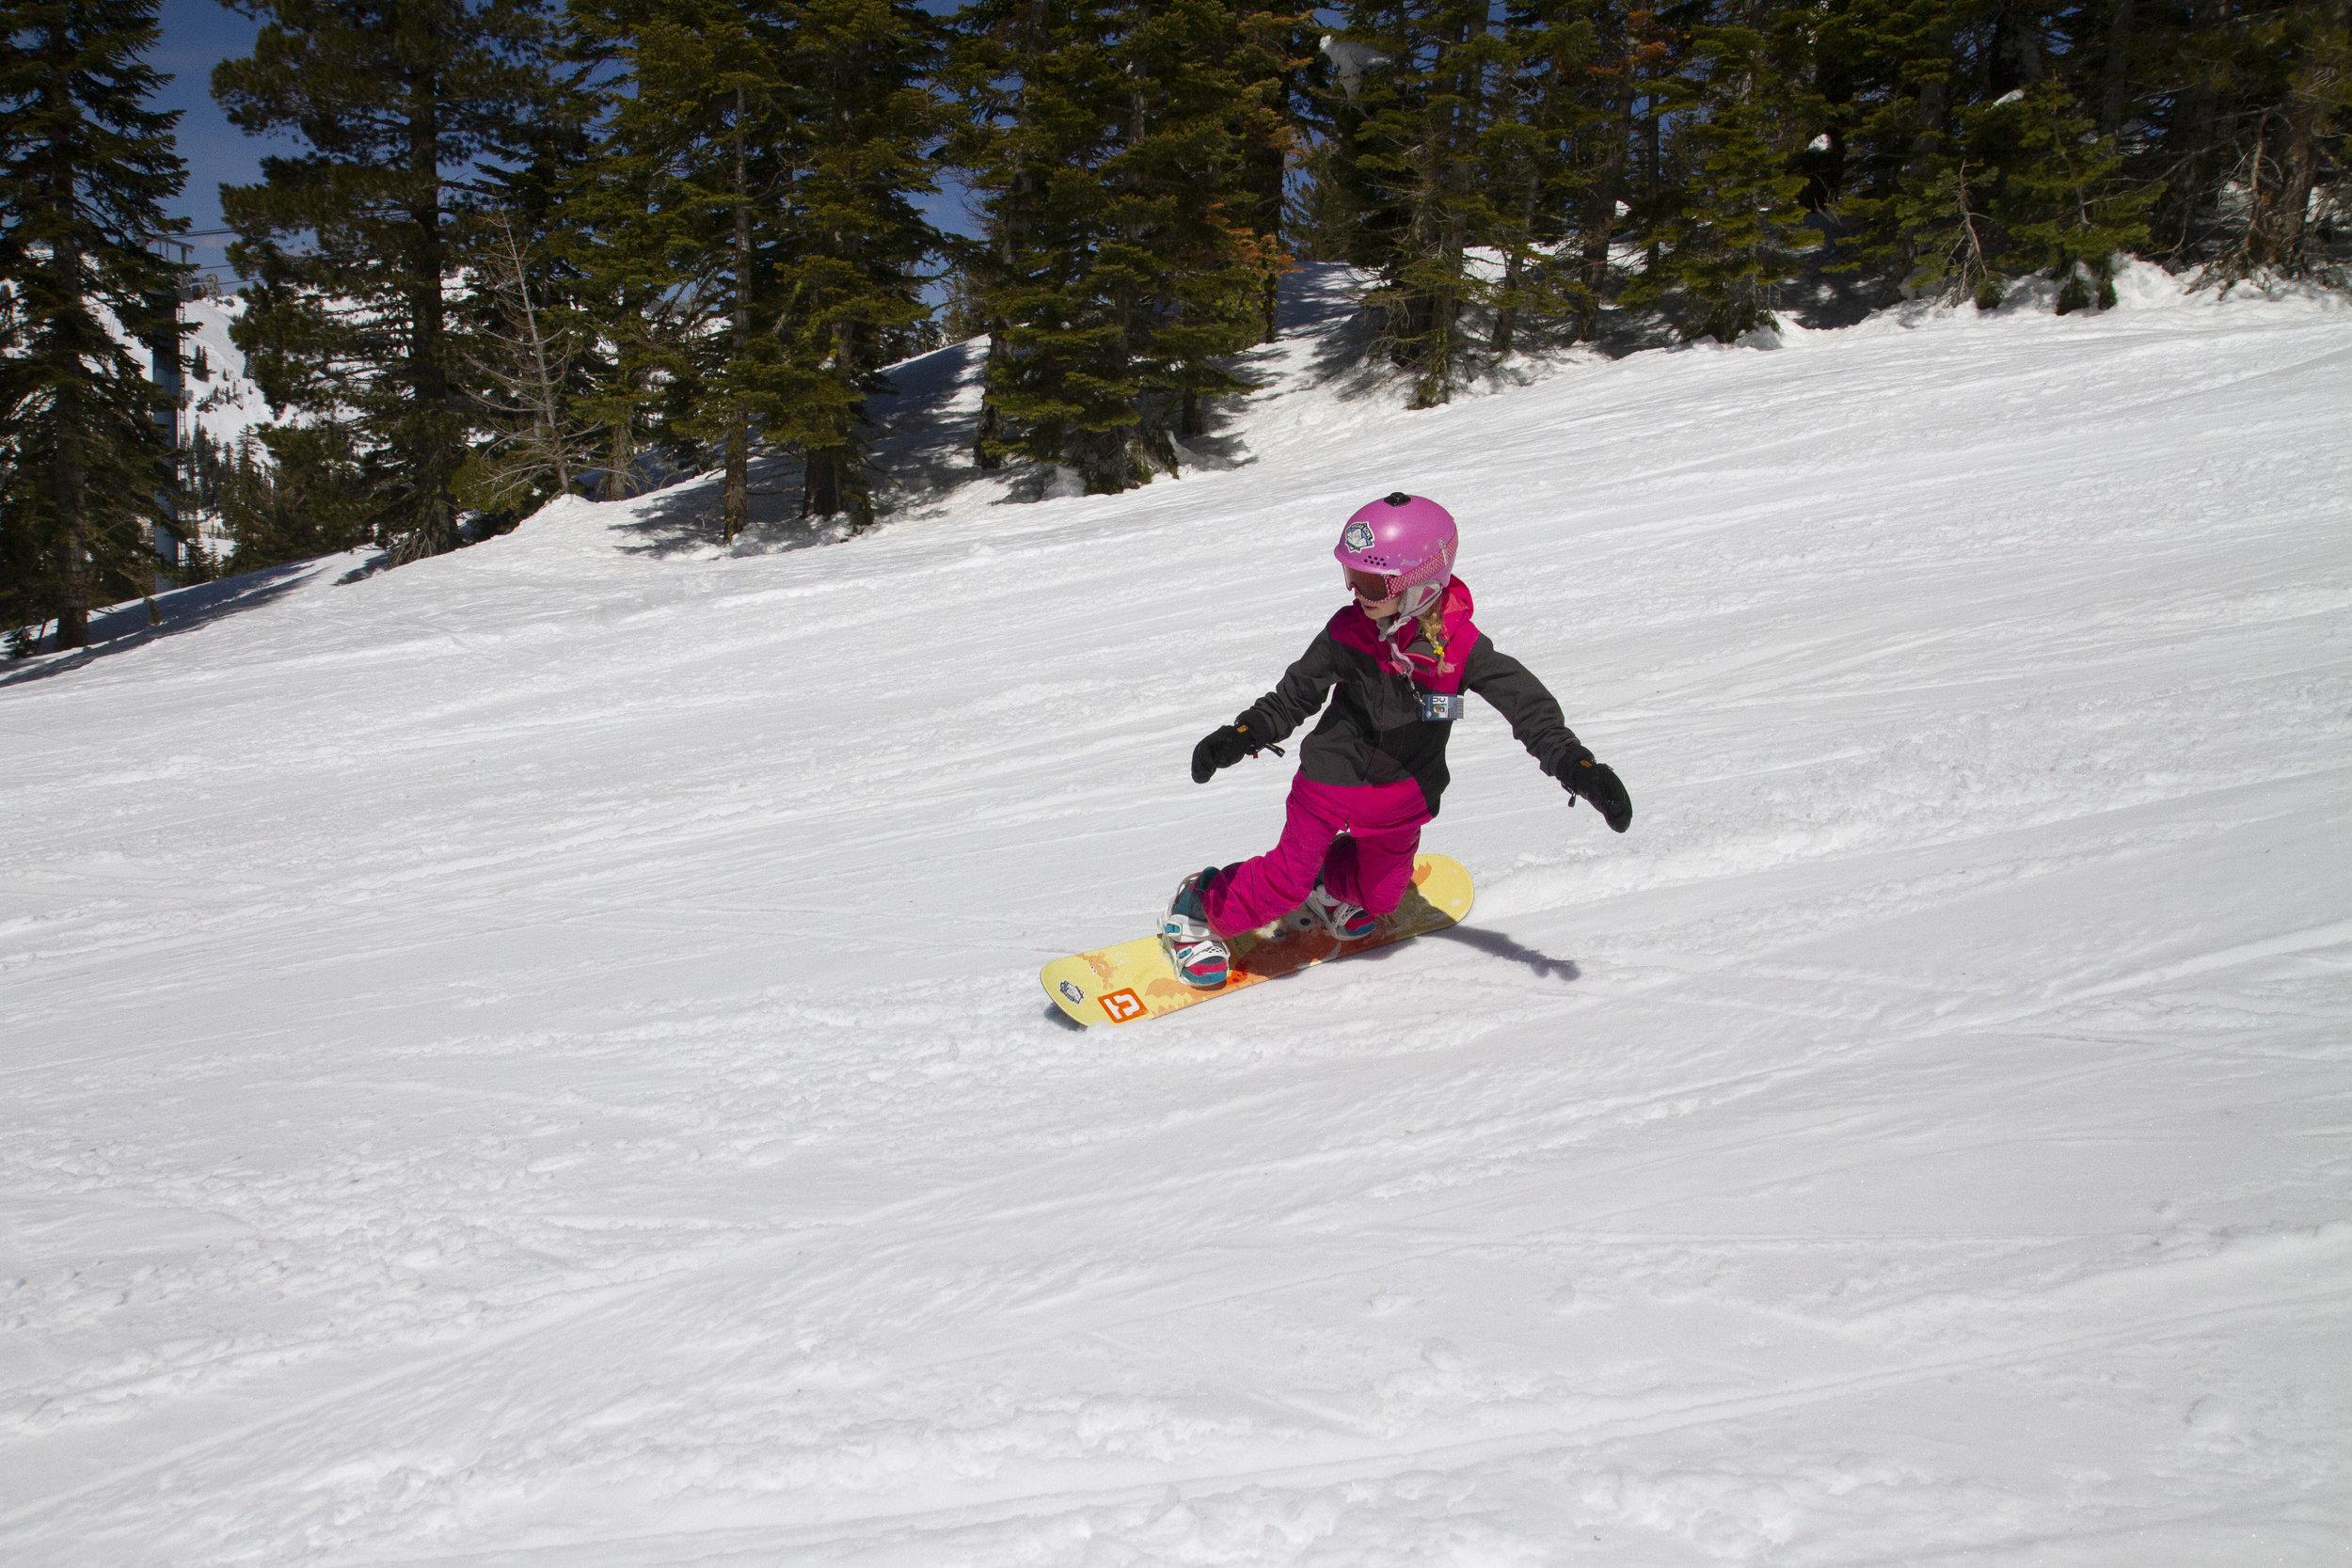 snowboardteam21_3-17-19.jpg